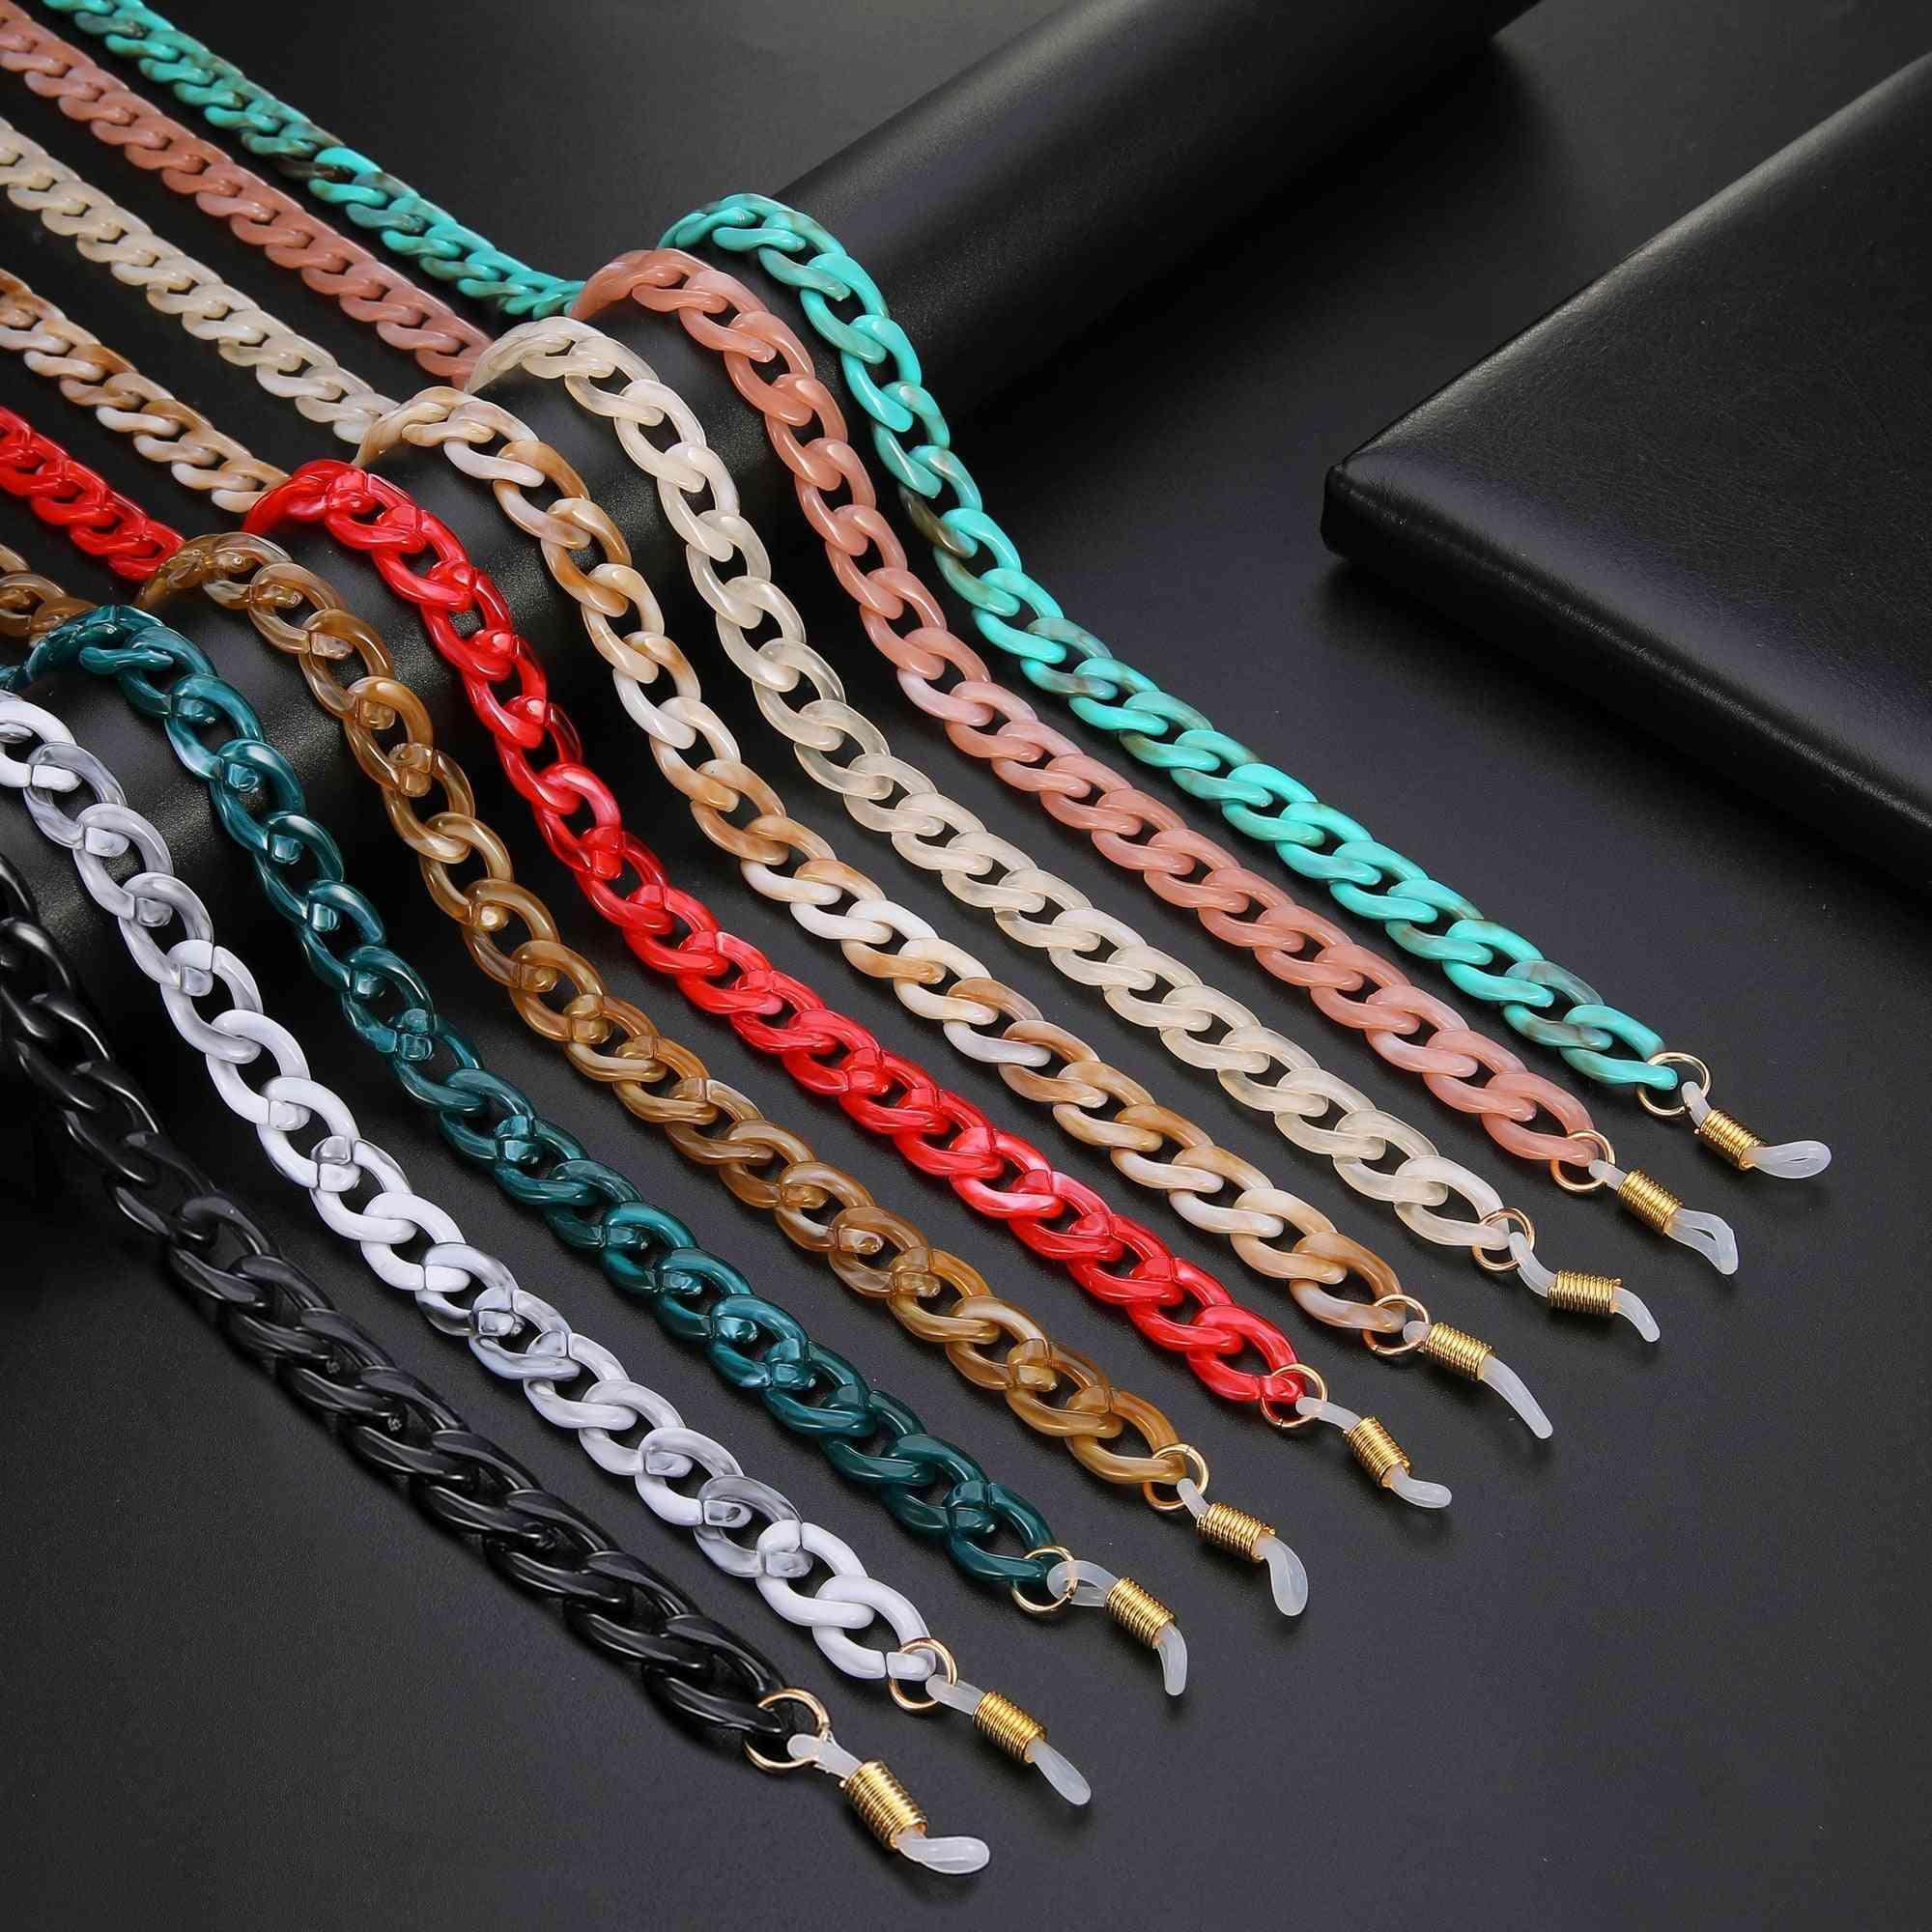 Sunglasses Chains, Anti-slip Reading Glasses Chain Cord Holder & Neck Strap Rope